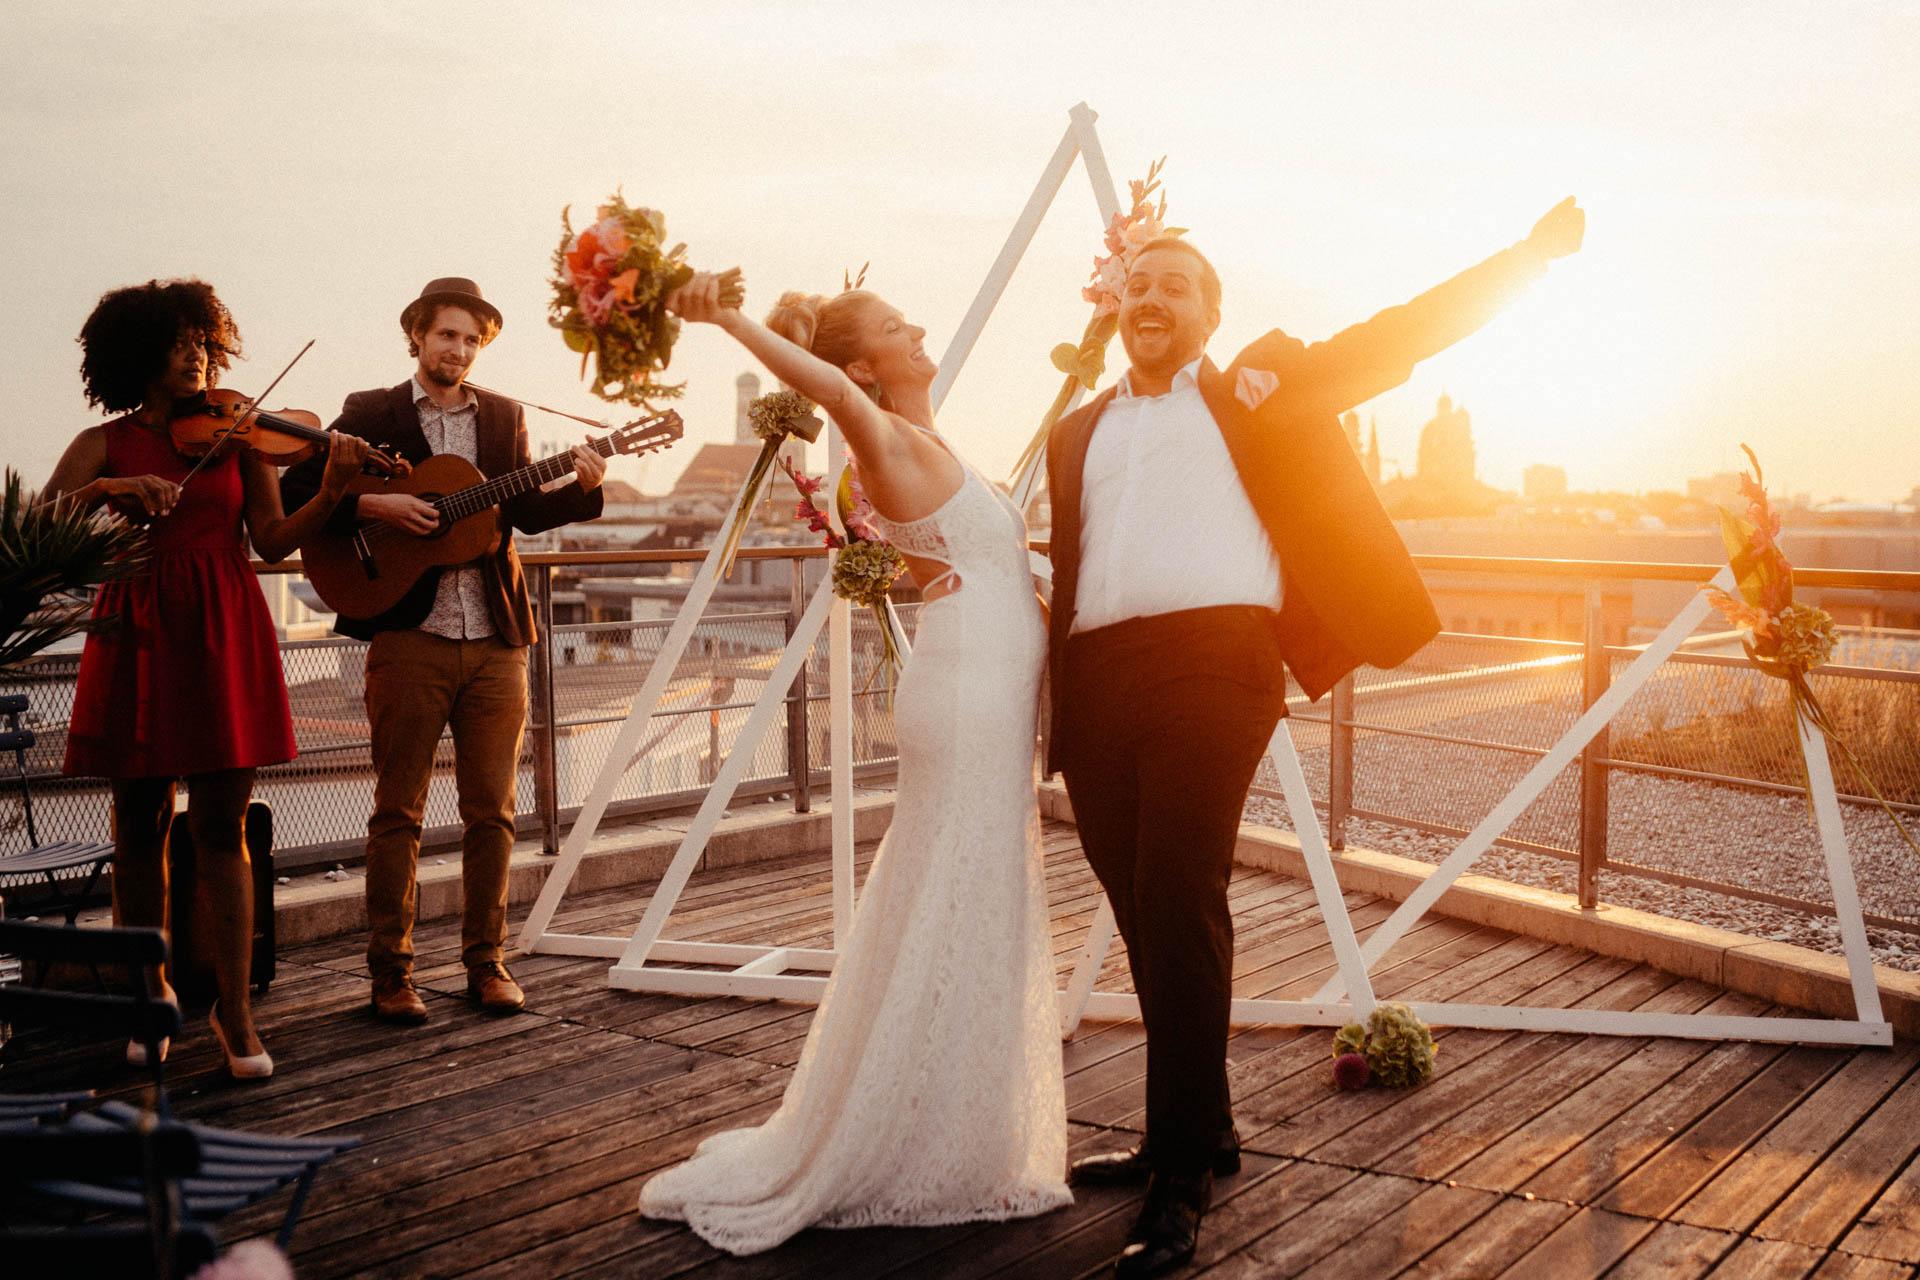 Freie Trauung in München auf der Dachterrasse im Surfers Paradies, glückliches Ehepaar jubelt nach Trauung